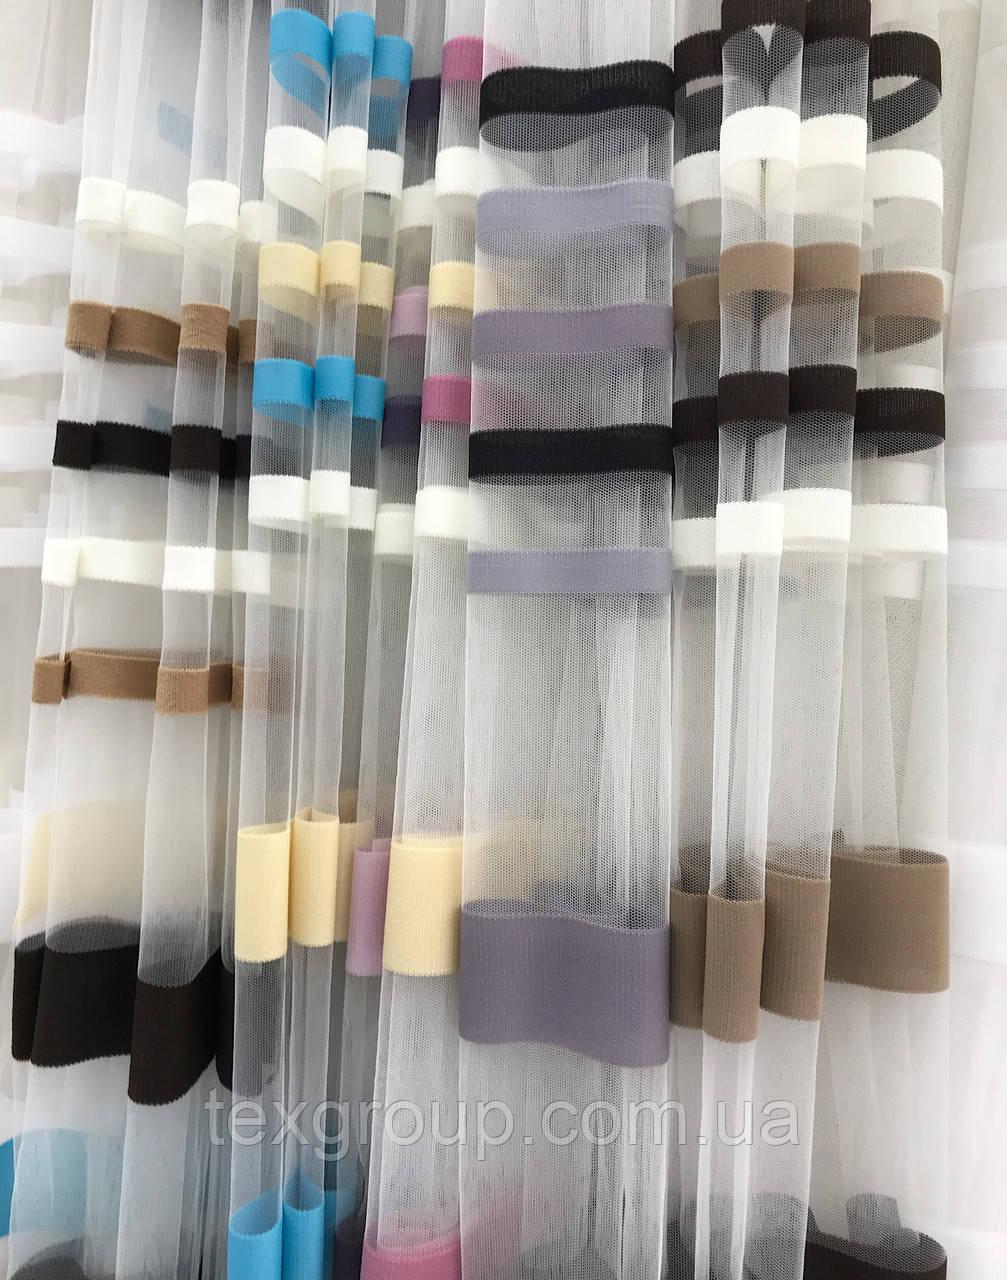 Фатиновая тюль ZAMBAK цветная полоска